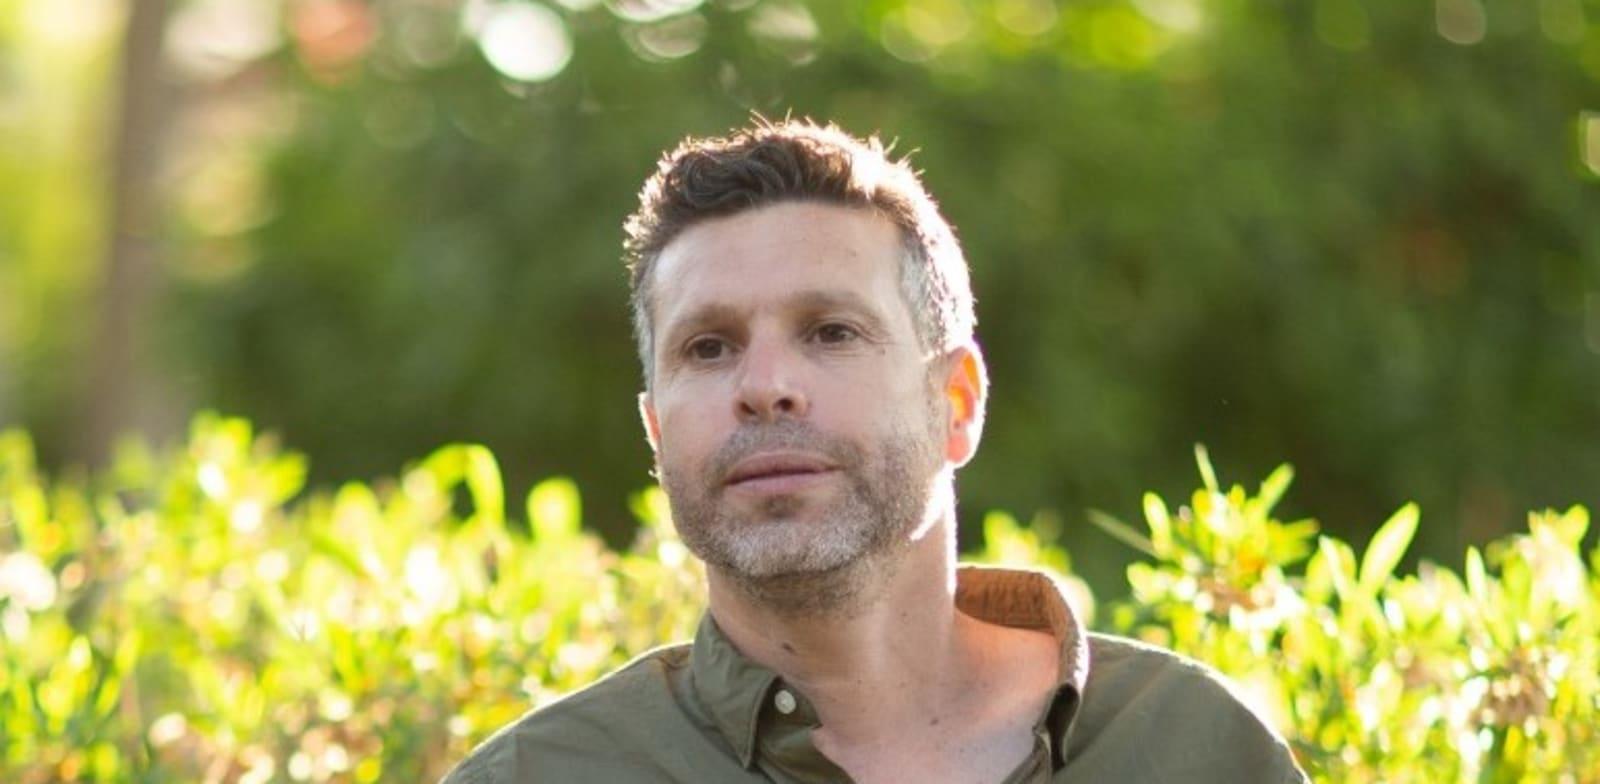 יניב הרוש, בעלי תל יצחק קיטשן אנד גארדן / צילום: מיקאל כהן